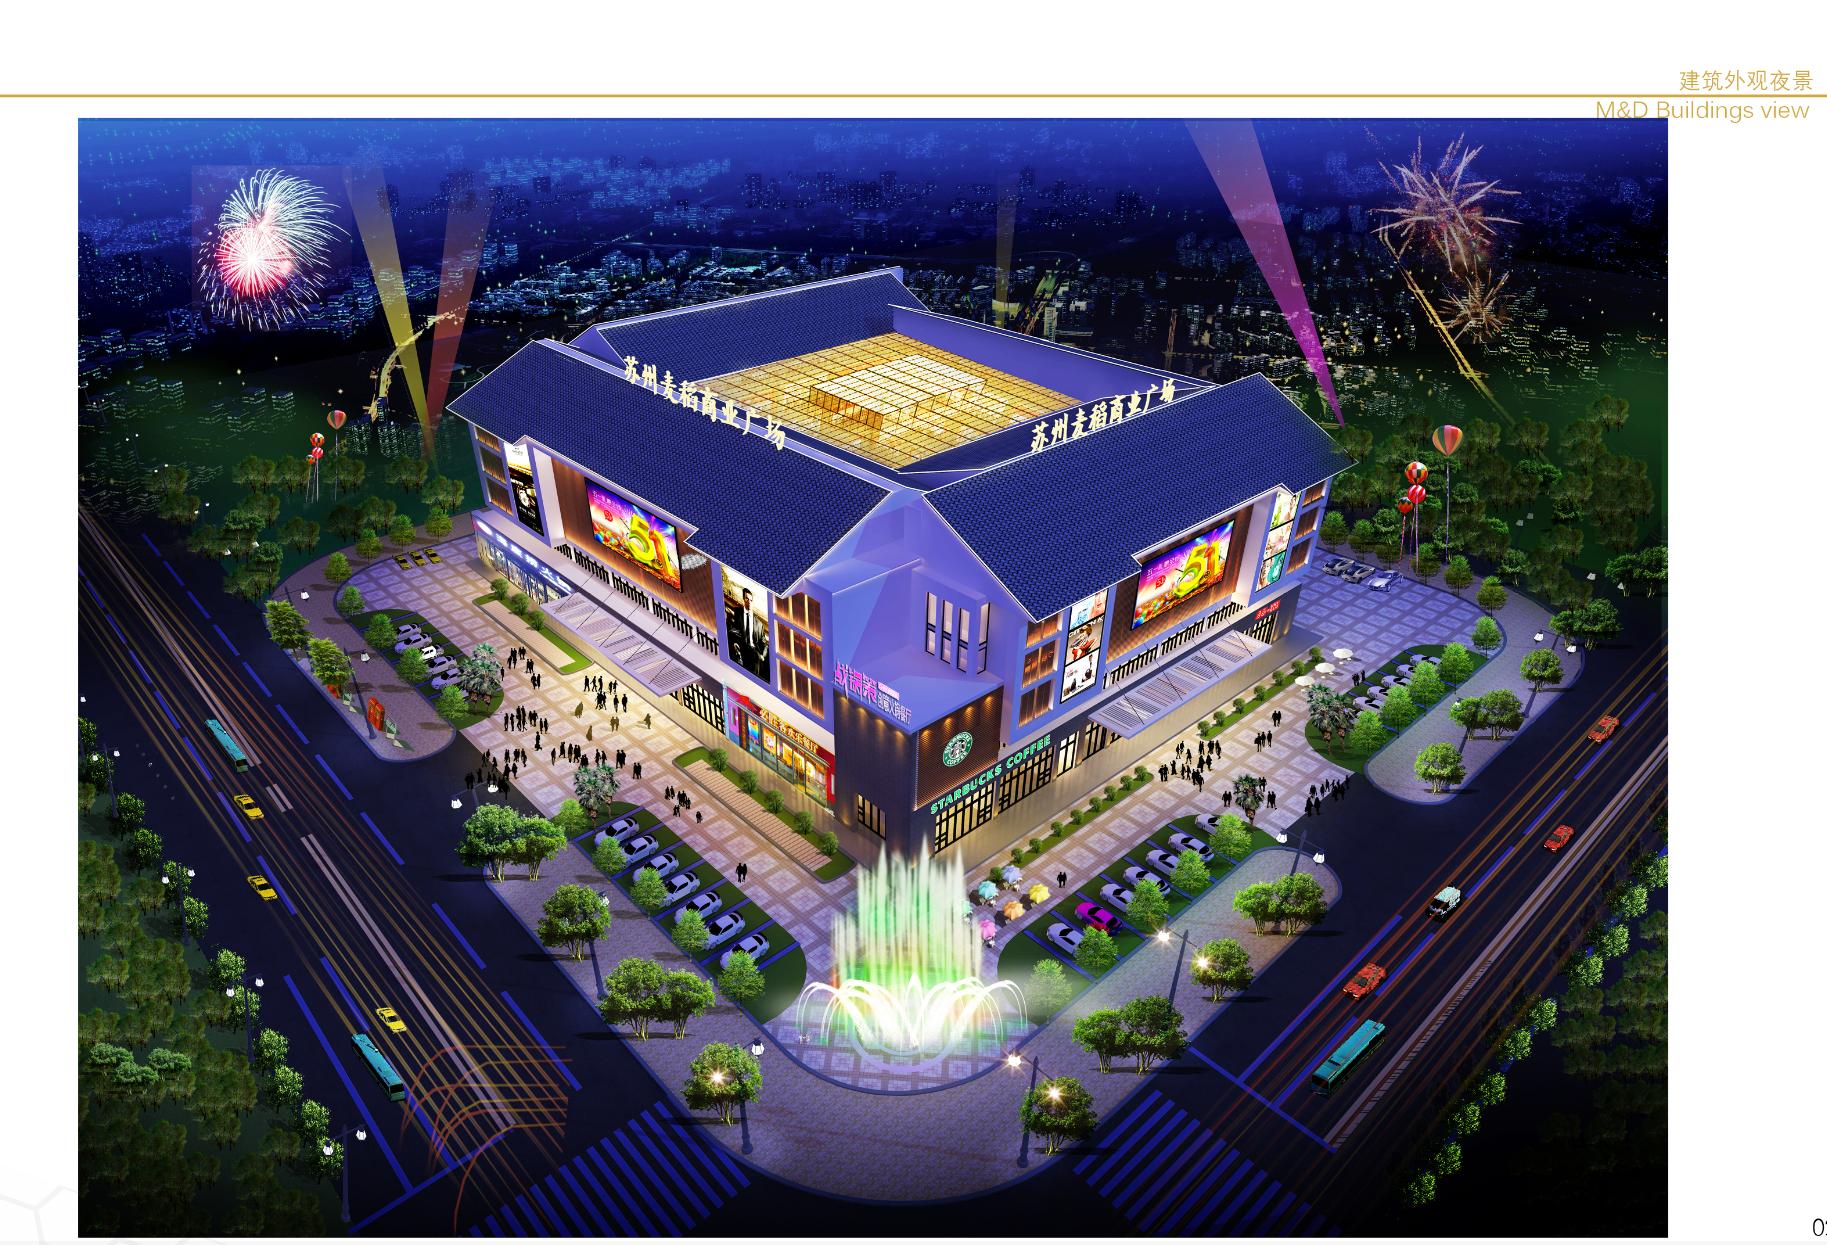 苏州麦稻星光商业广场